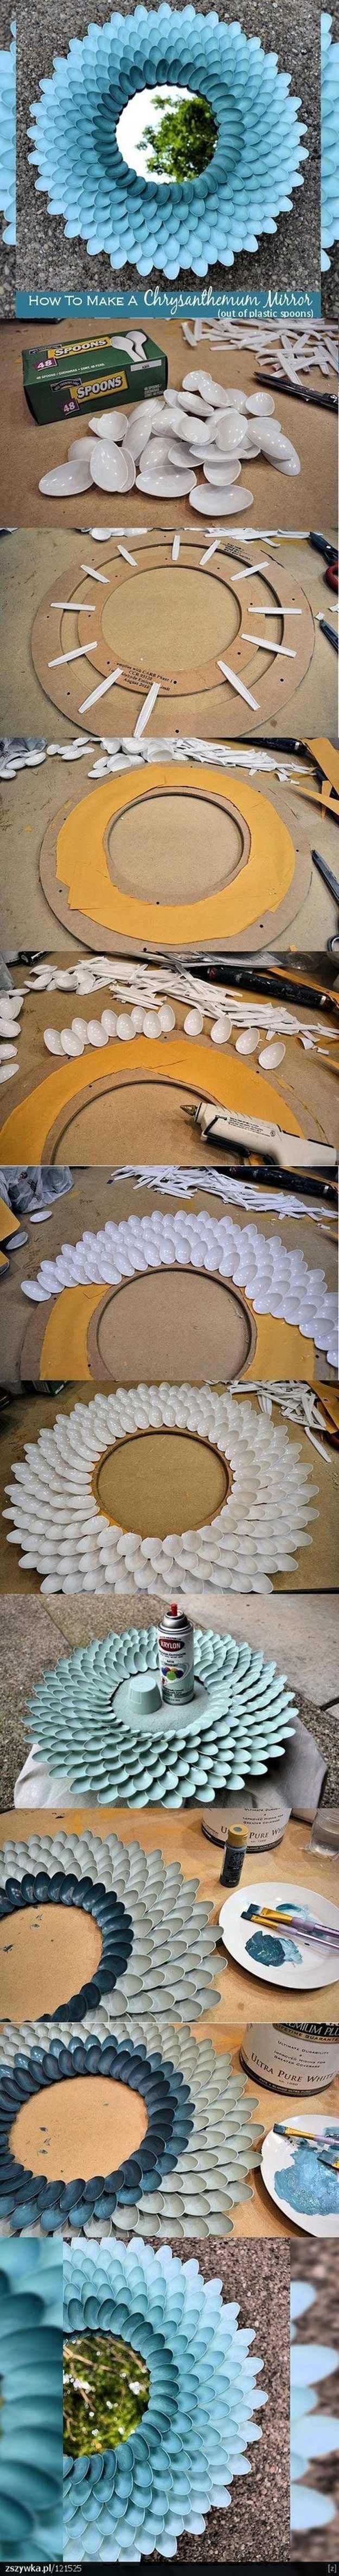 Idea fresca Espejo Decoración de la muchacha adolescente Dormitorio | http://artesaniasdebricolaje.ru/easy-teen-room-decor-ideas-for-girls/